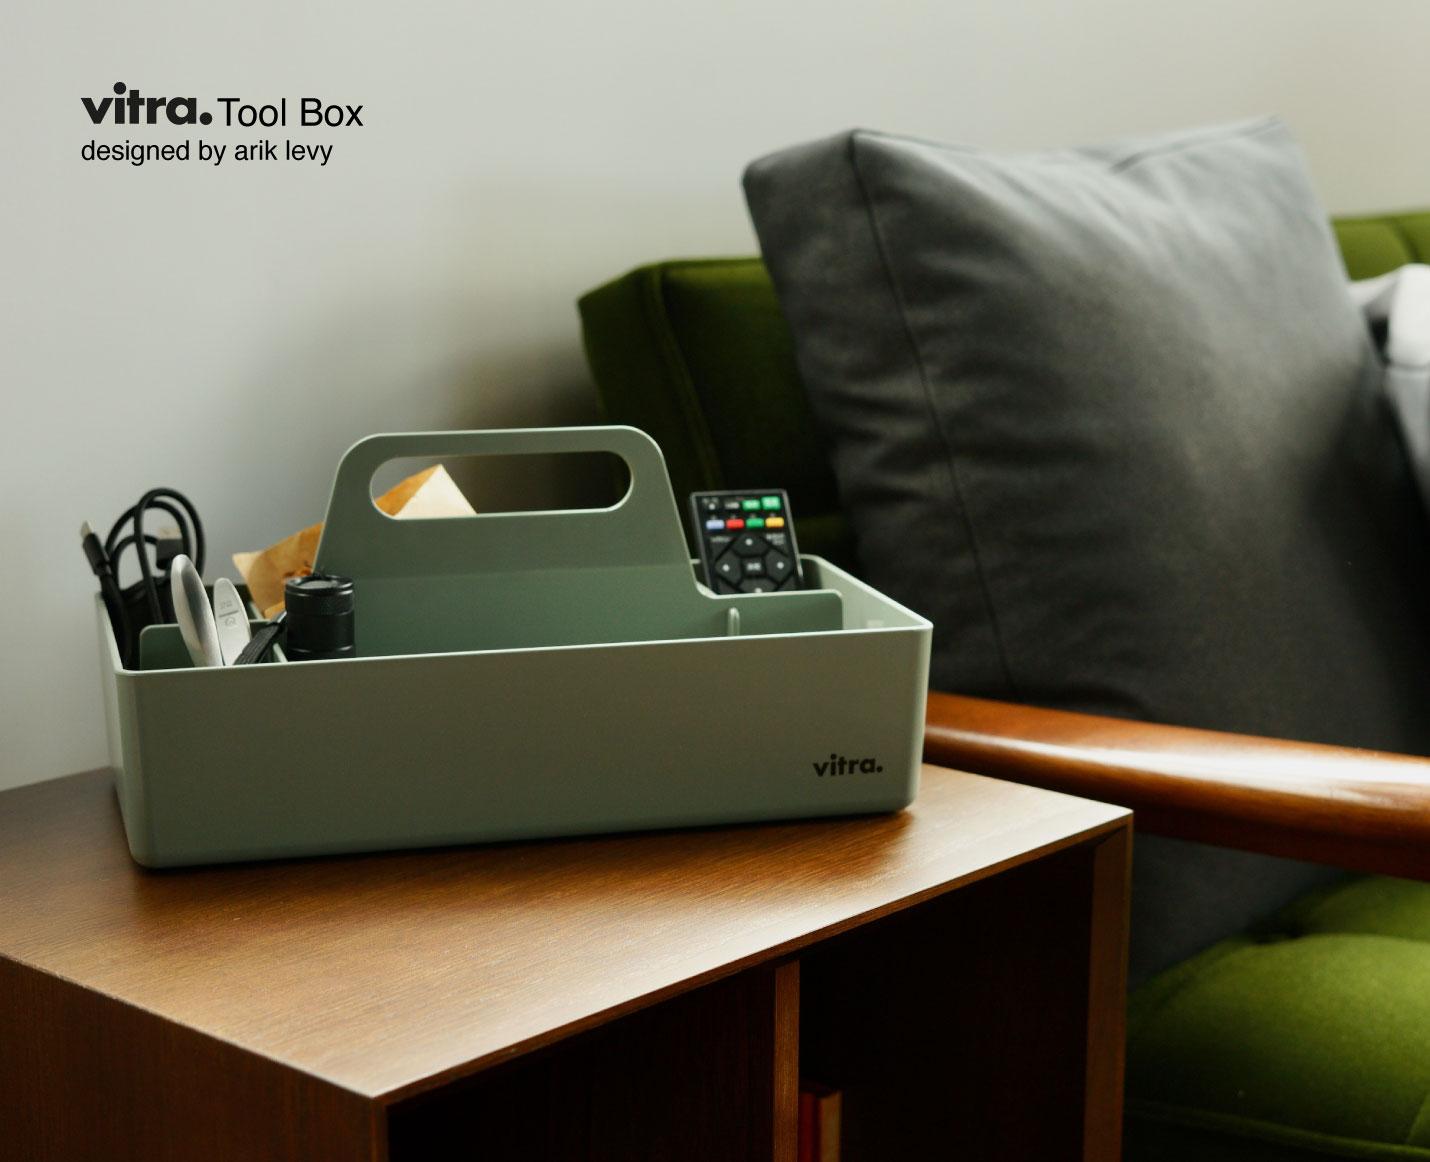 ヴィトラ(Vitra)ツールボックス(Toolbox)とカリモク60Kチェア